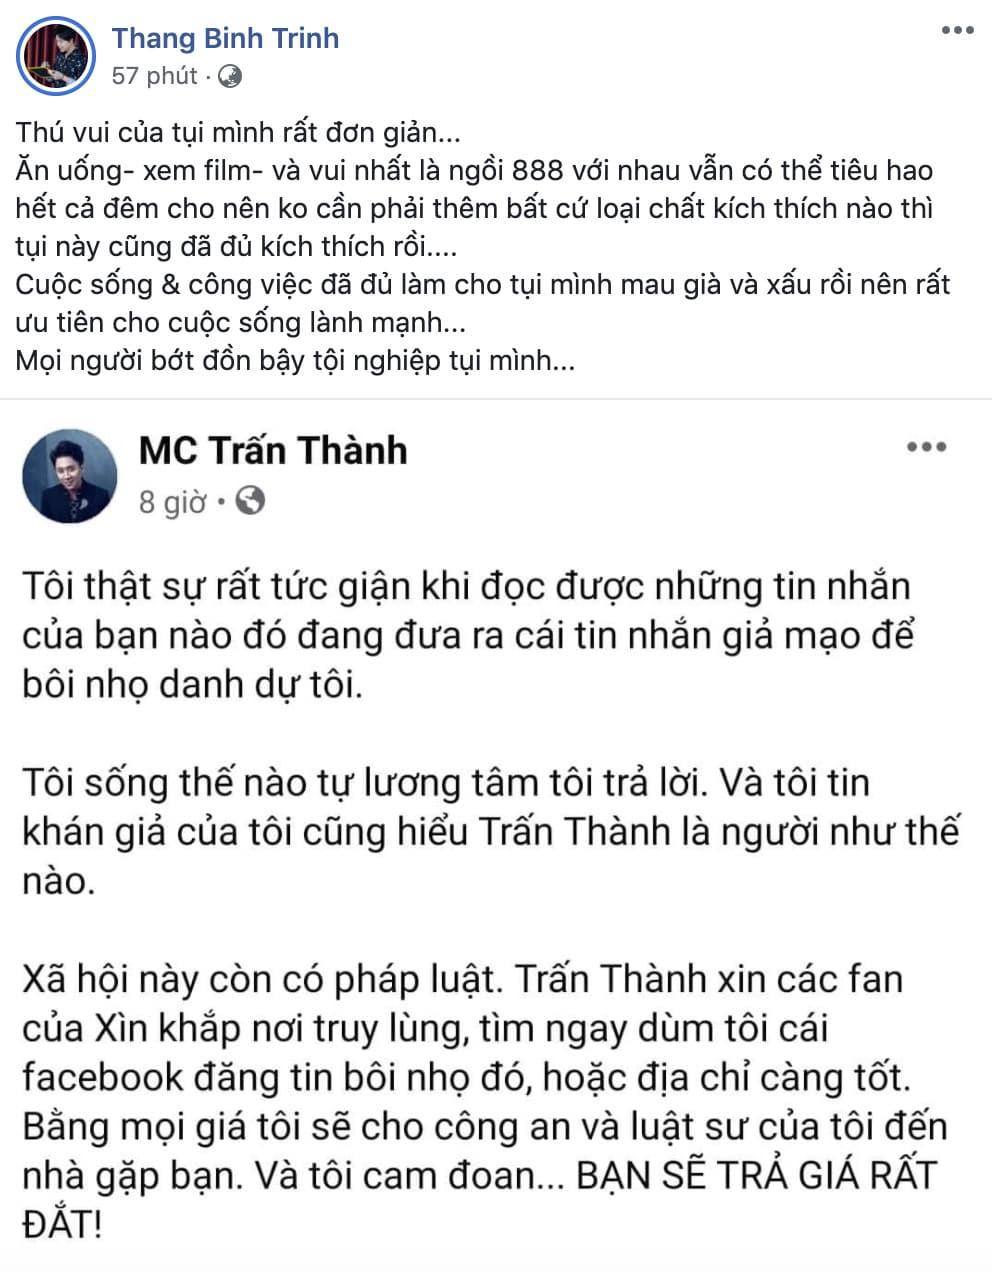 anh-chup-man-hinh-2020-05-30-luc-131054-ngoisaovn-w992-h1272 0